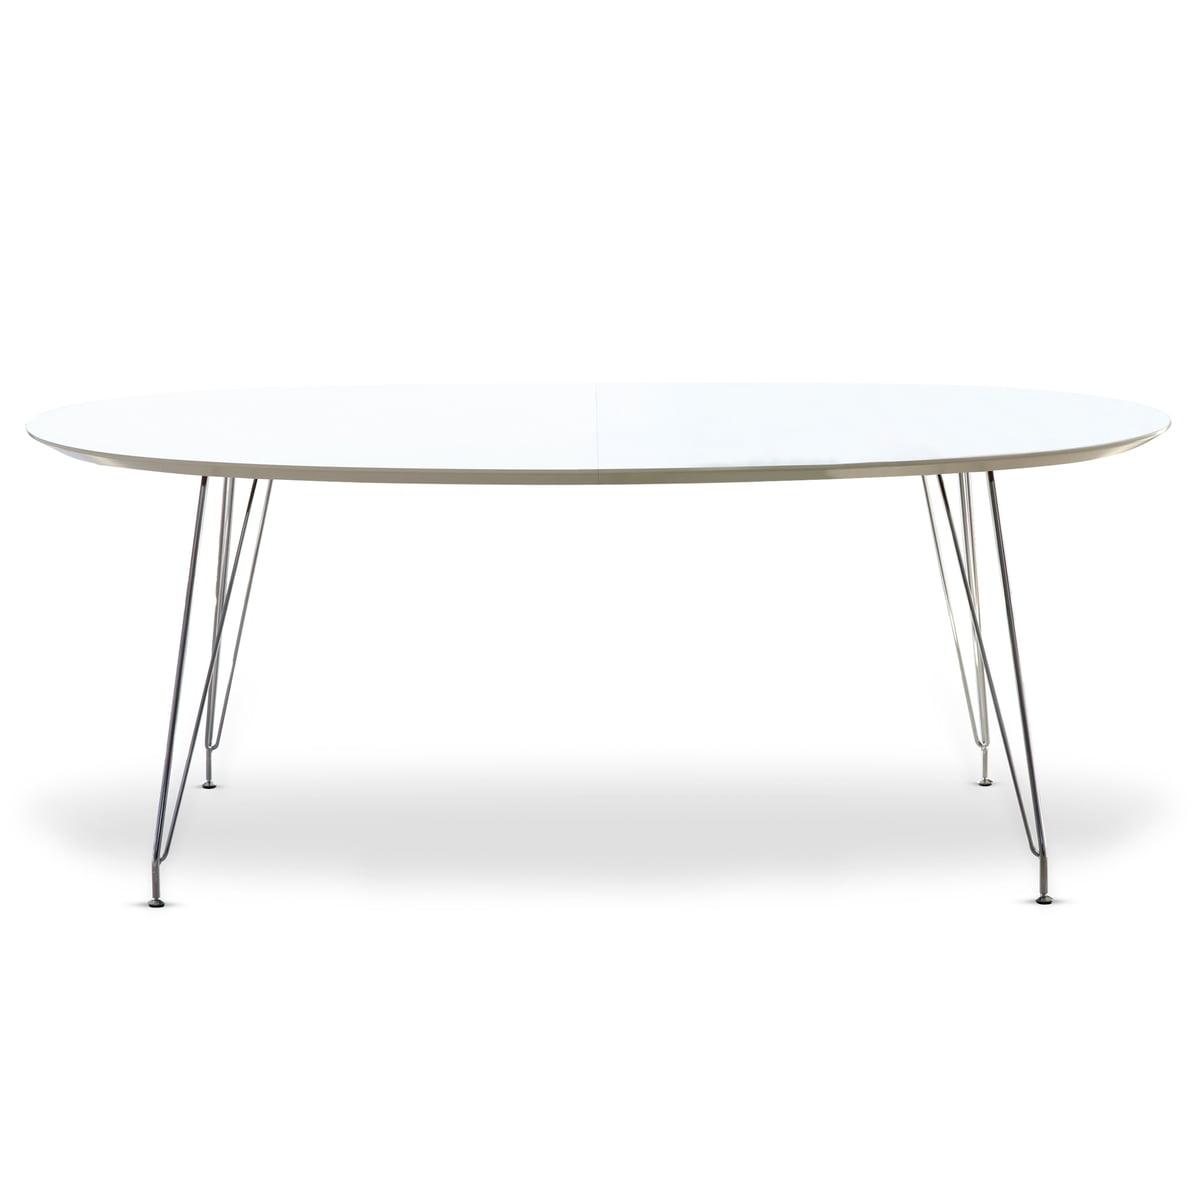 Esstisch oval weiß  DK10 Esstisch von Andersen Furniture